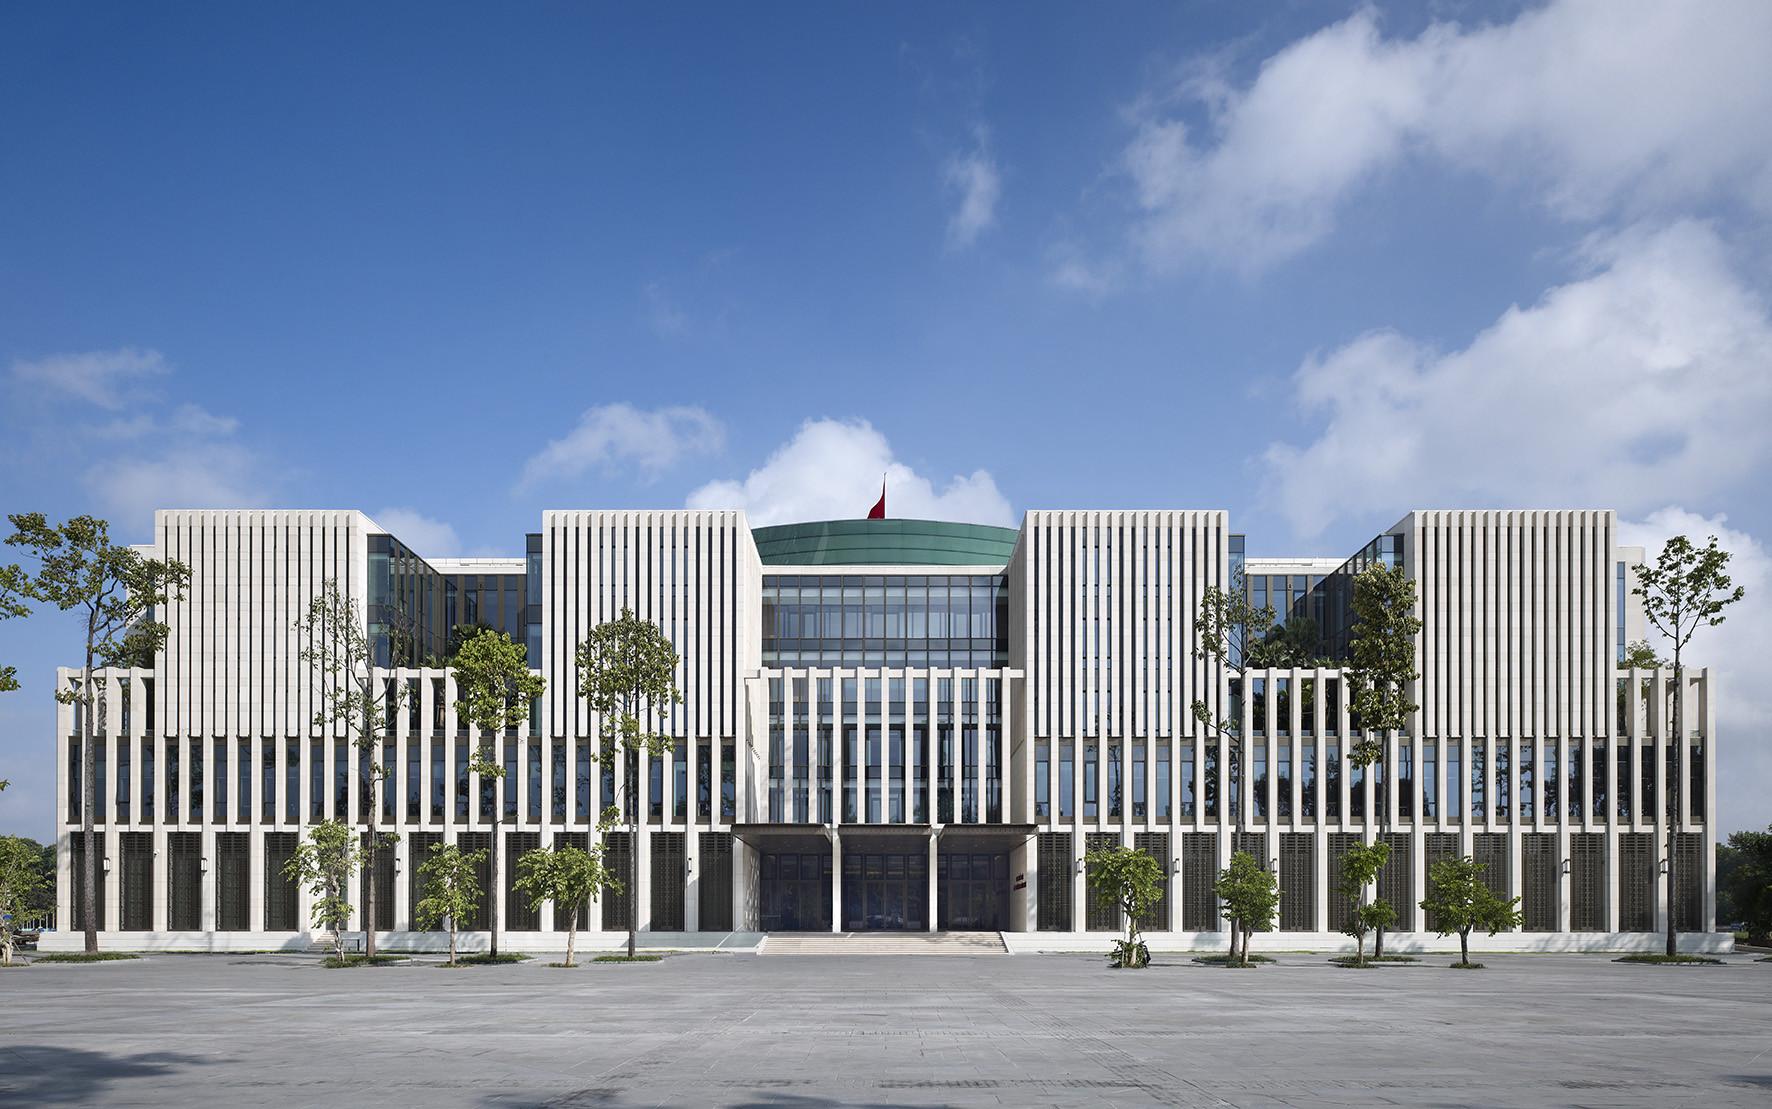 thiết kế trụ sở cơ quan, trụ sở văn phòng làm việc